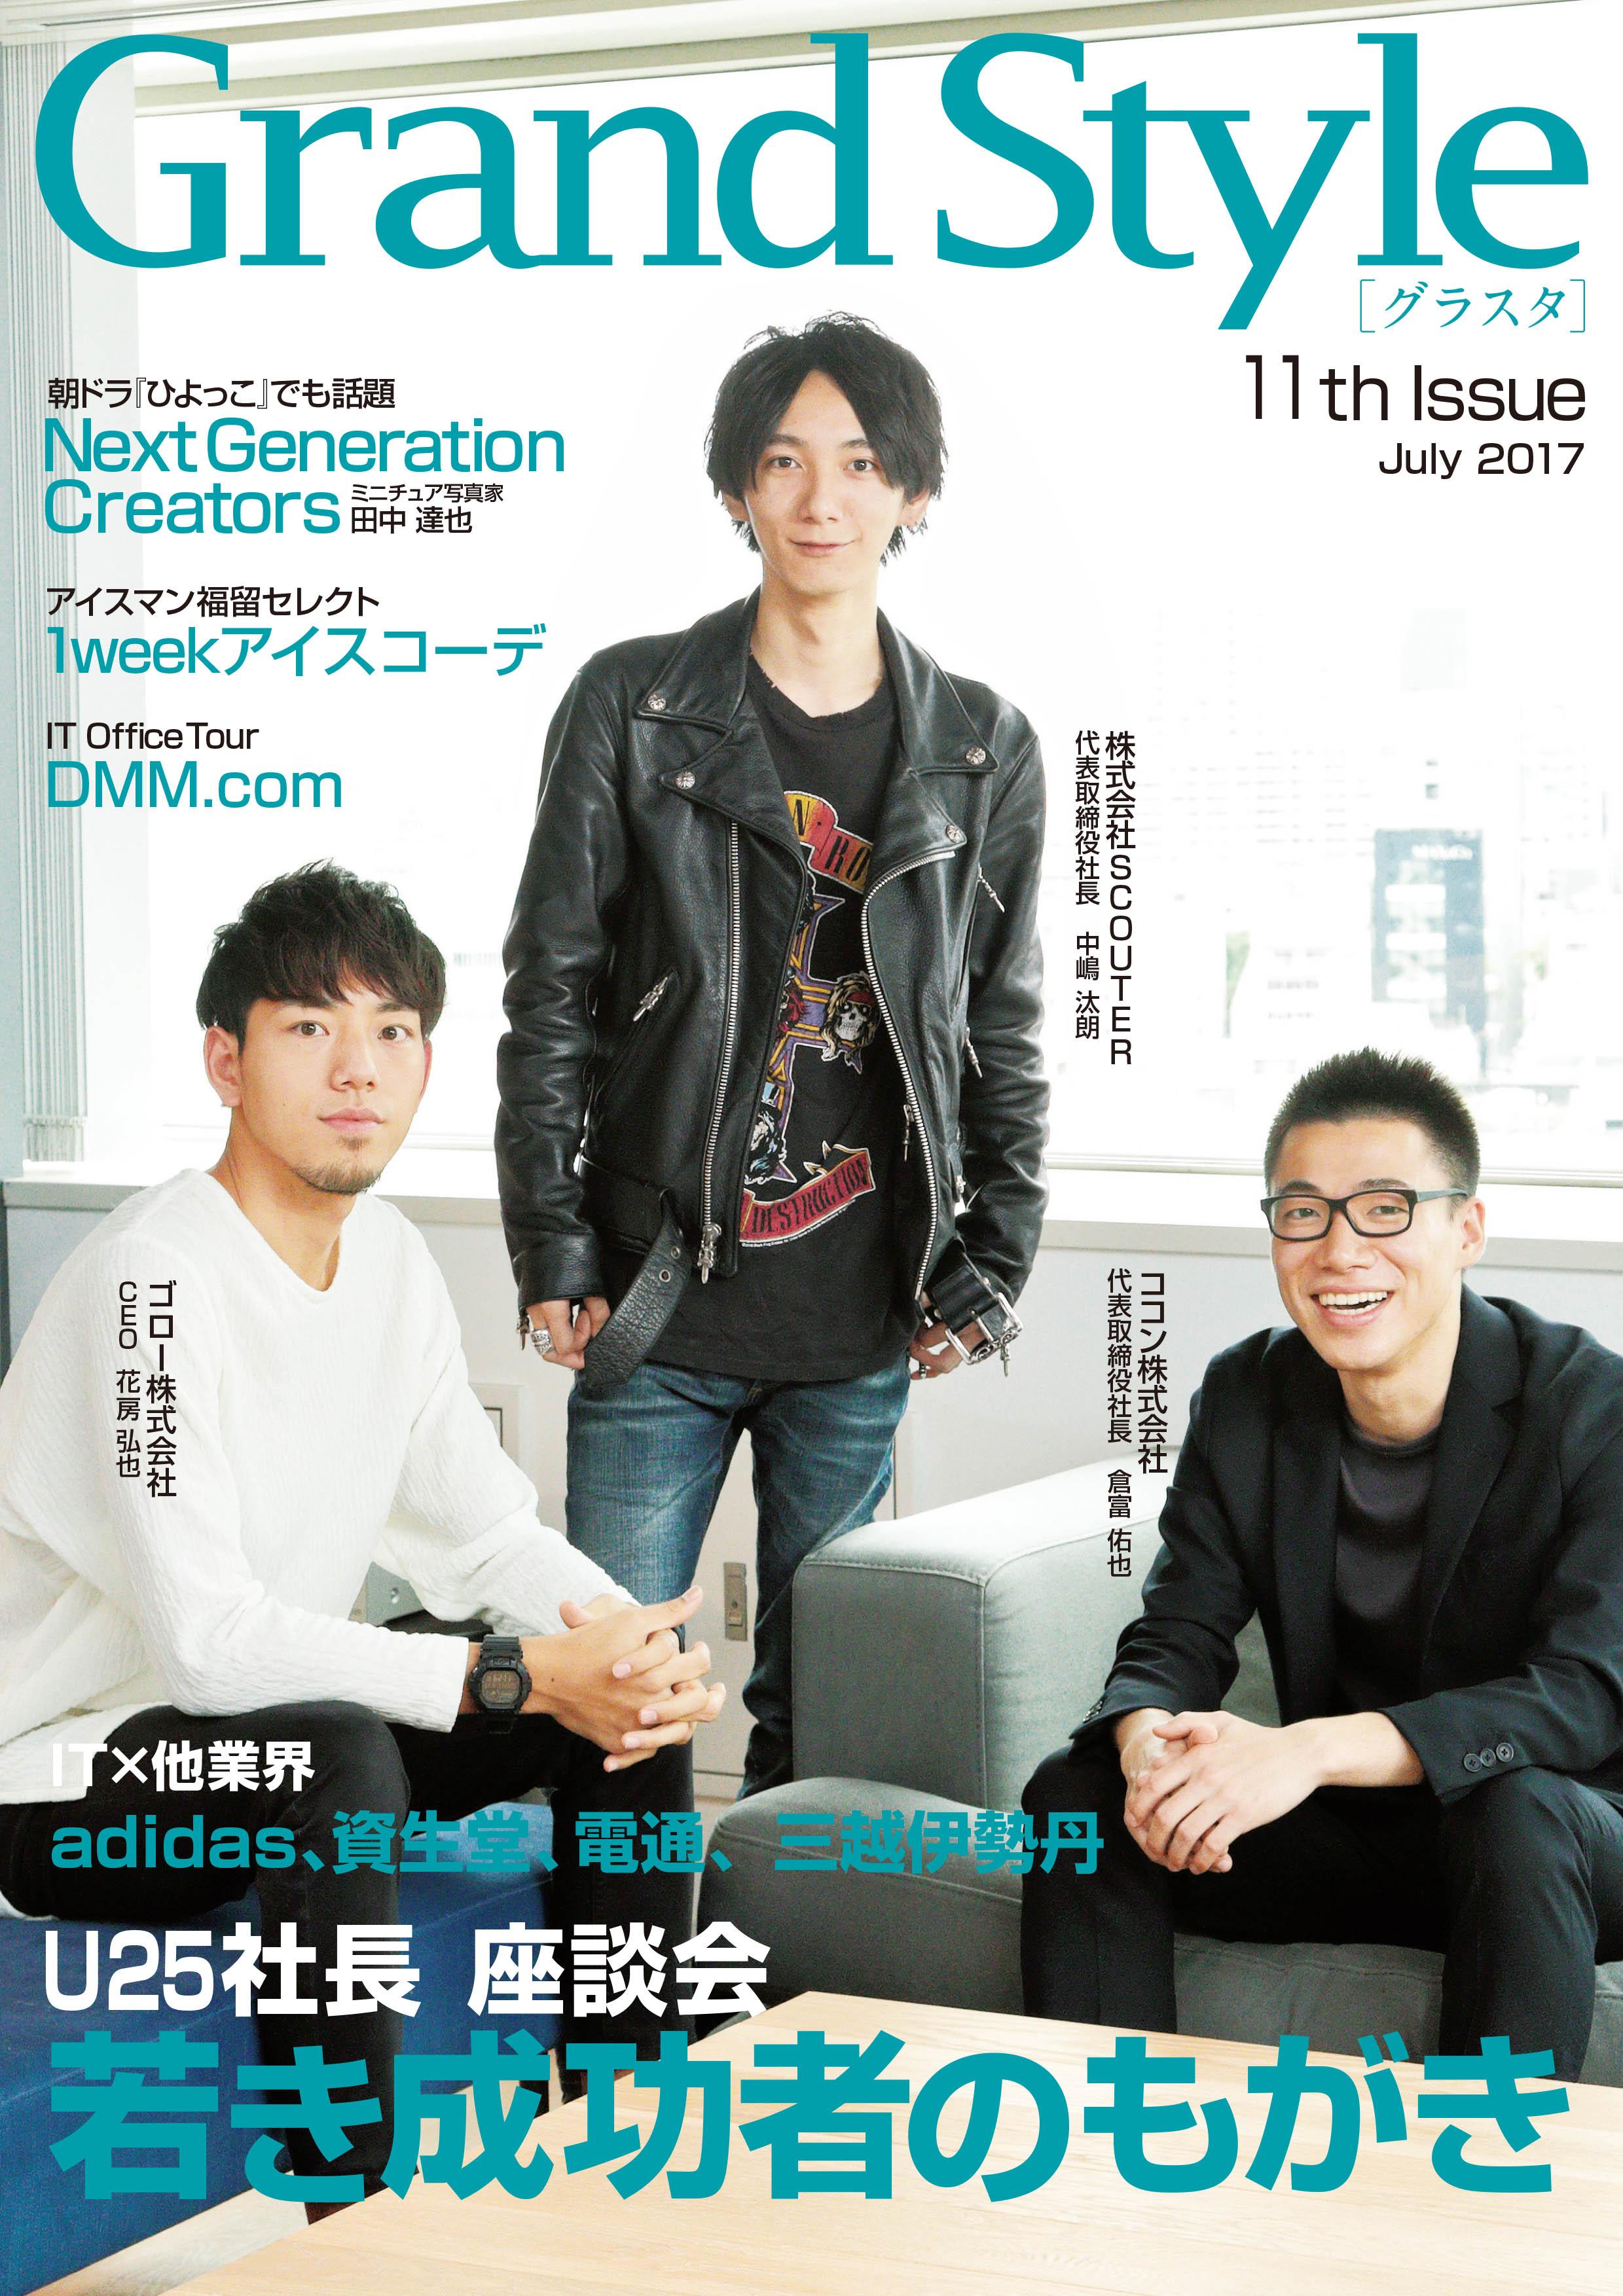 アプリ・ゲーム・IT業界の社員・社風を紹介する業界誌、『Grand Style』(愛称:グラスタ) 11th Issueを発行!